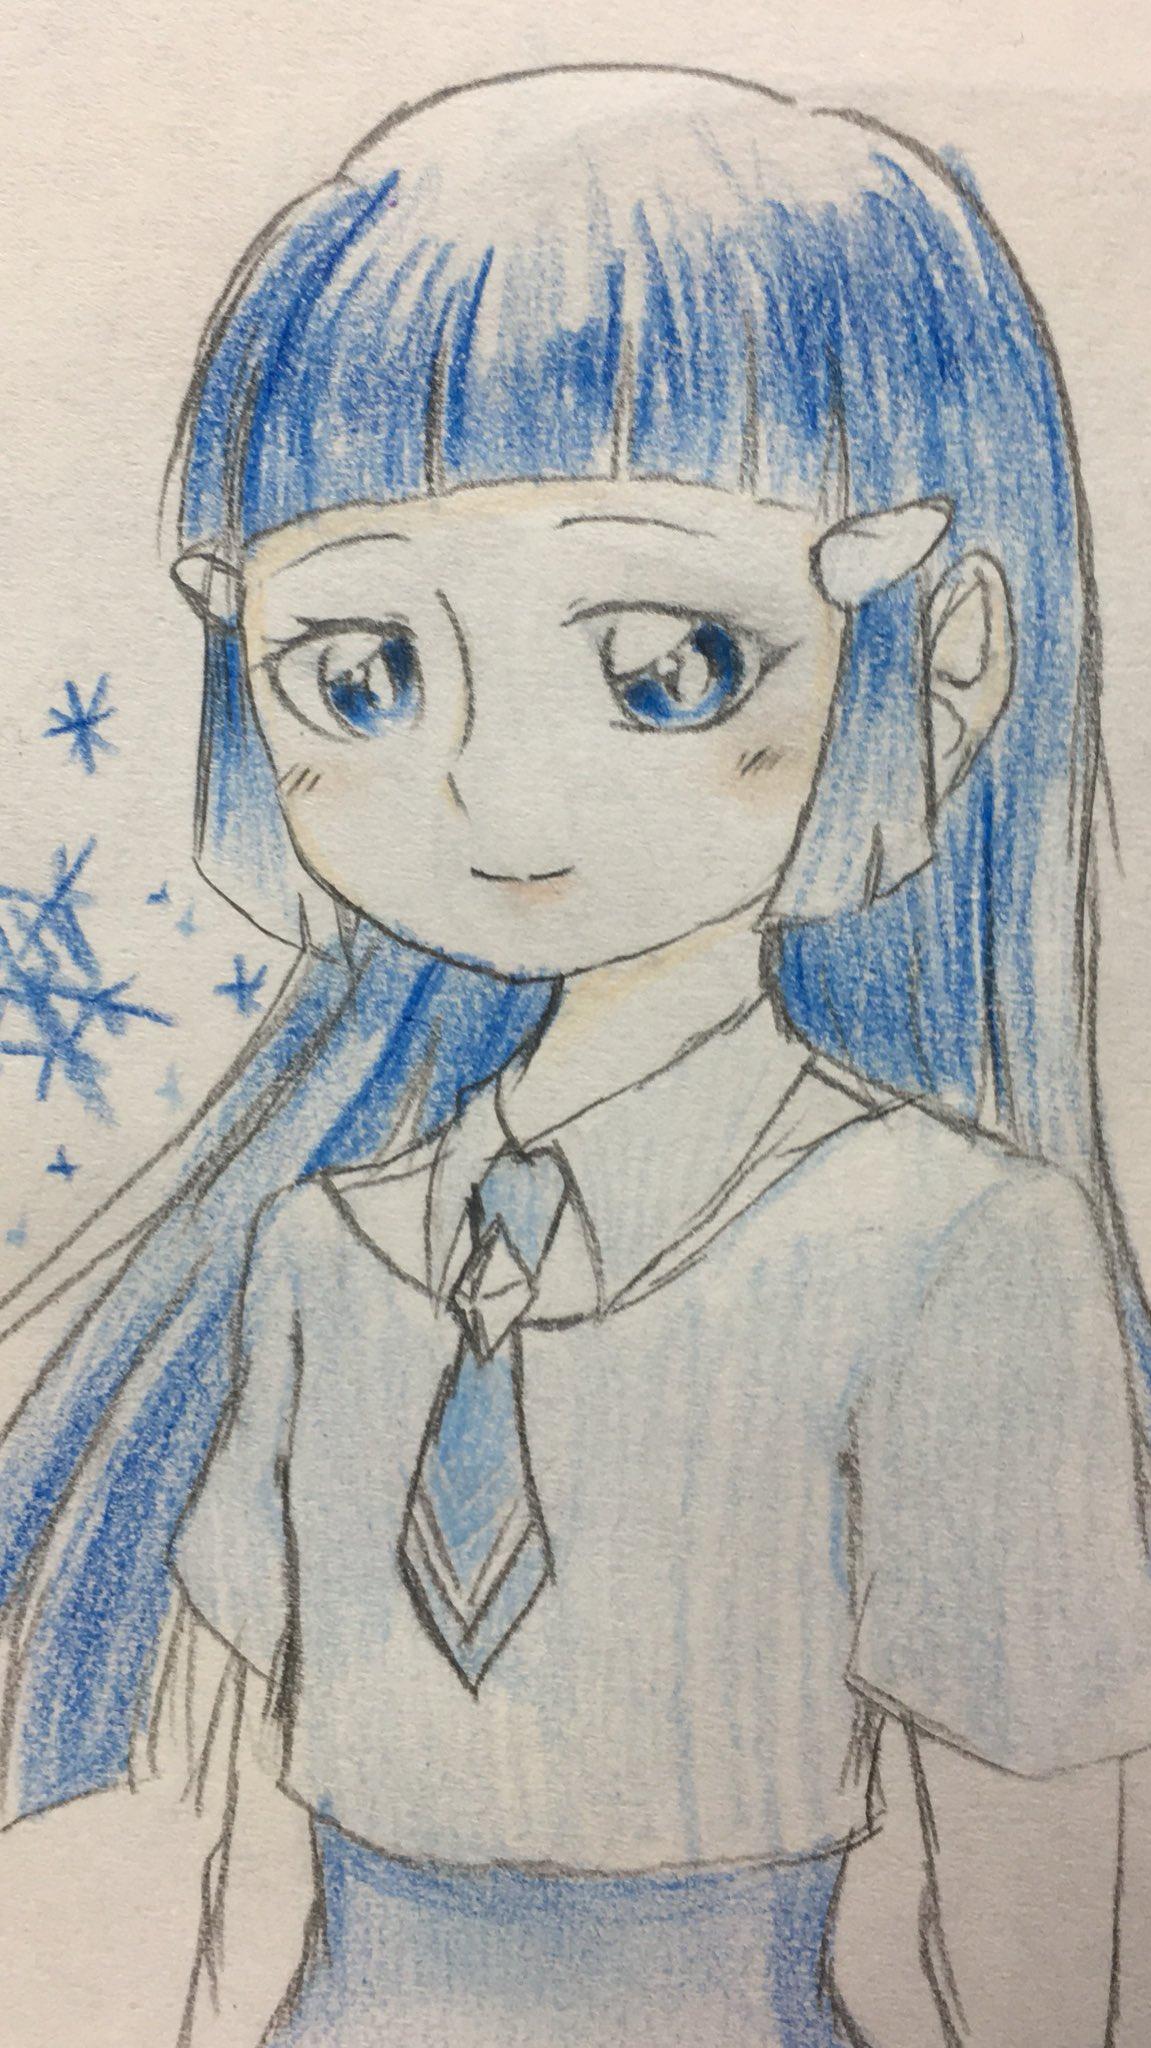 蜜柑丸🍊 (@JIcmt)さんのイラスト